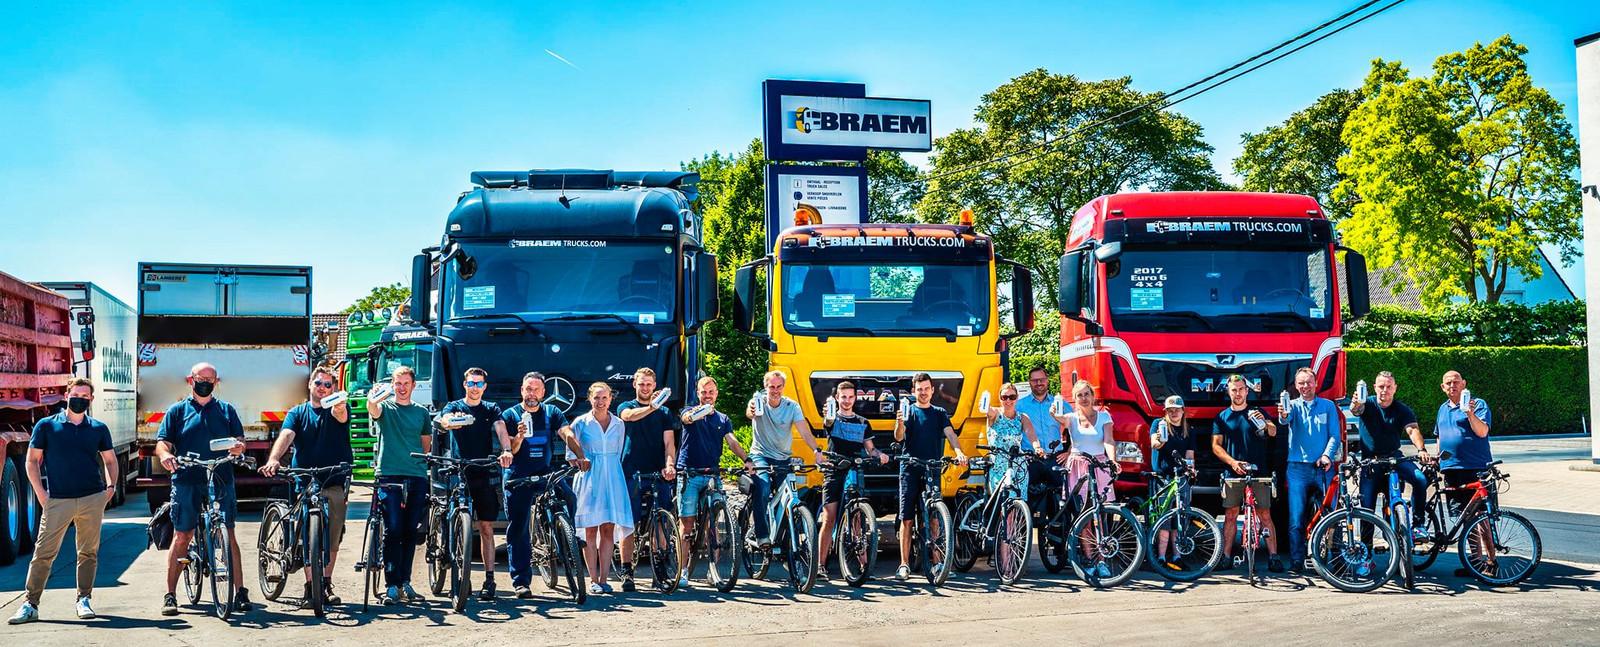 Meer dan 13.500 werknemers lieten hun auto staan, en fietsten van en naar hun werk tijdens de campagne.